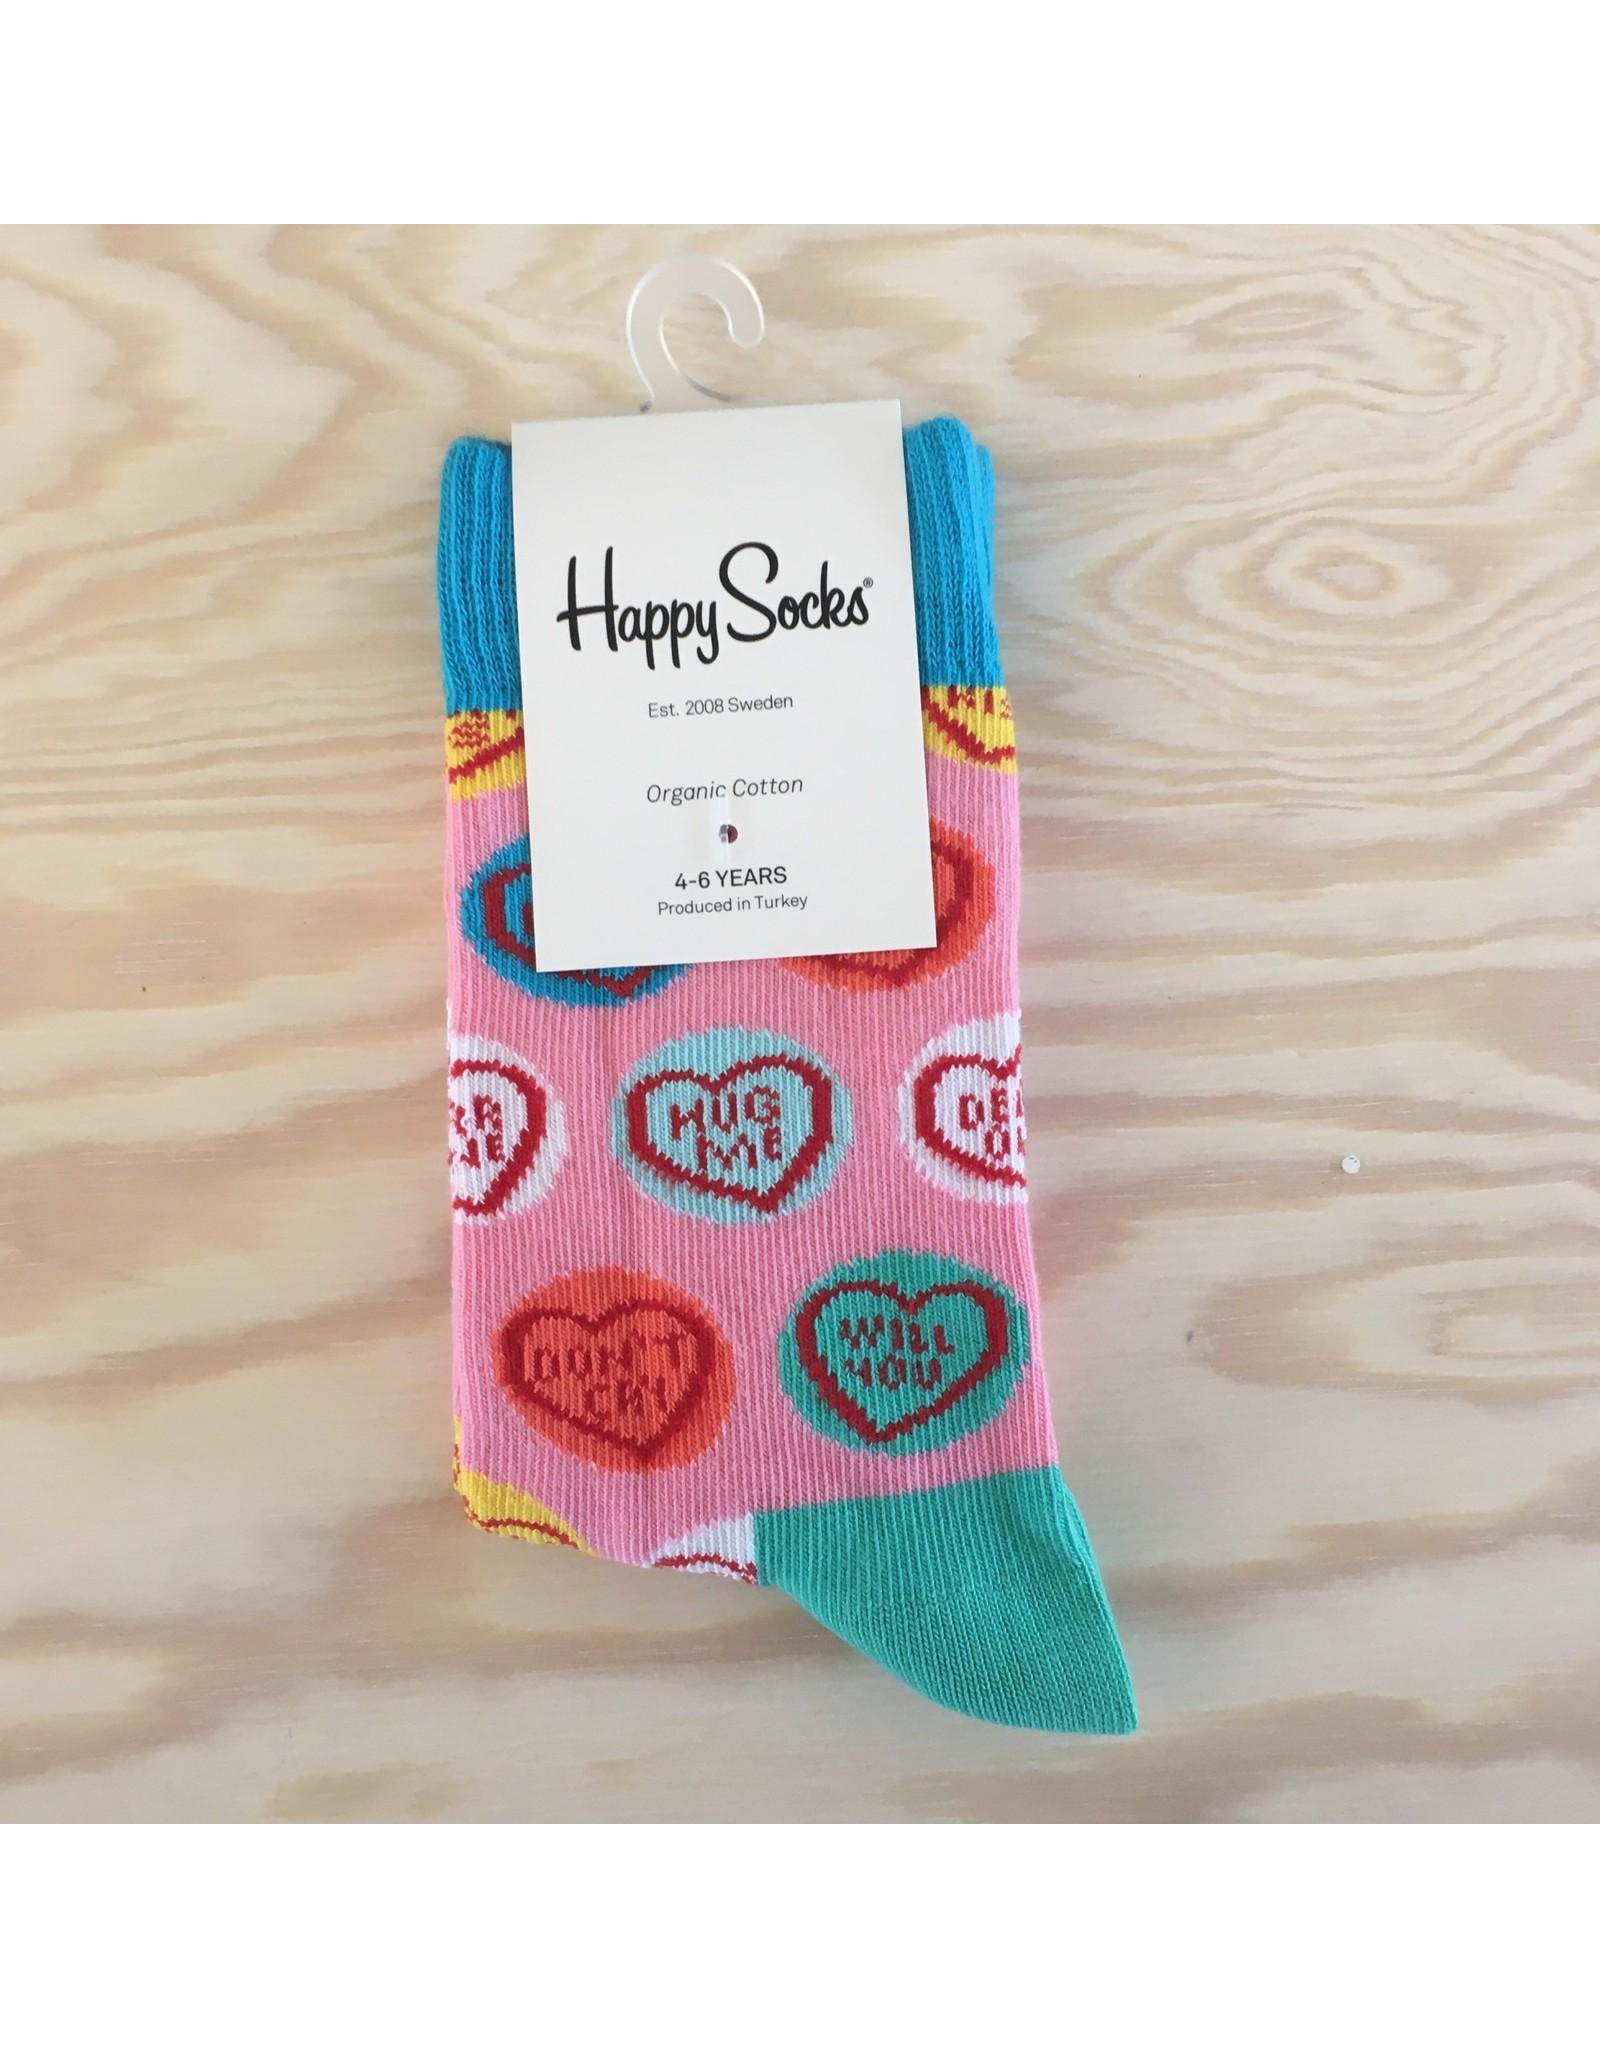 HAPPY SOCKS Copy of HAPPY SOCKS KCC01-7300 CANDY CANE 4-6Y